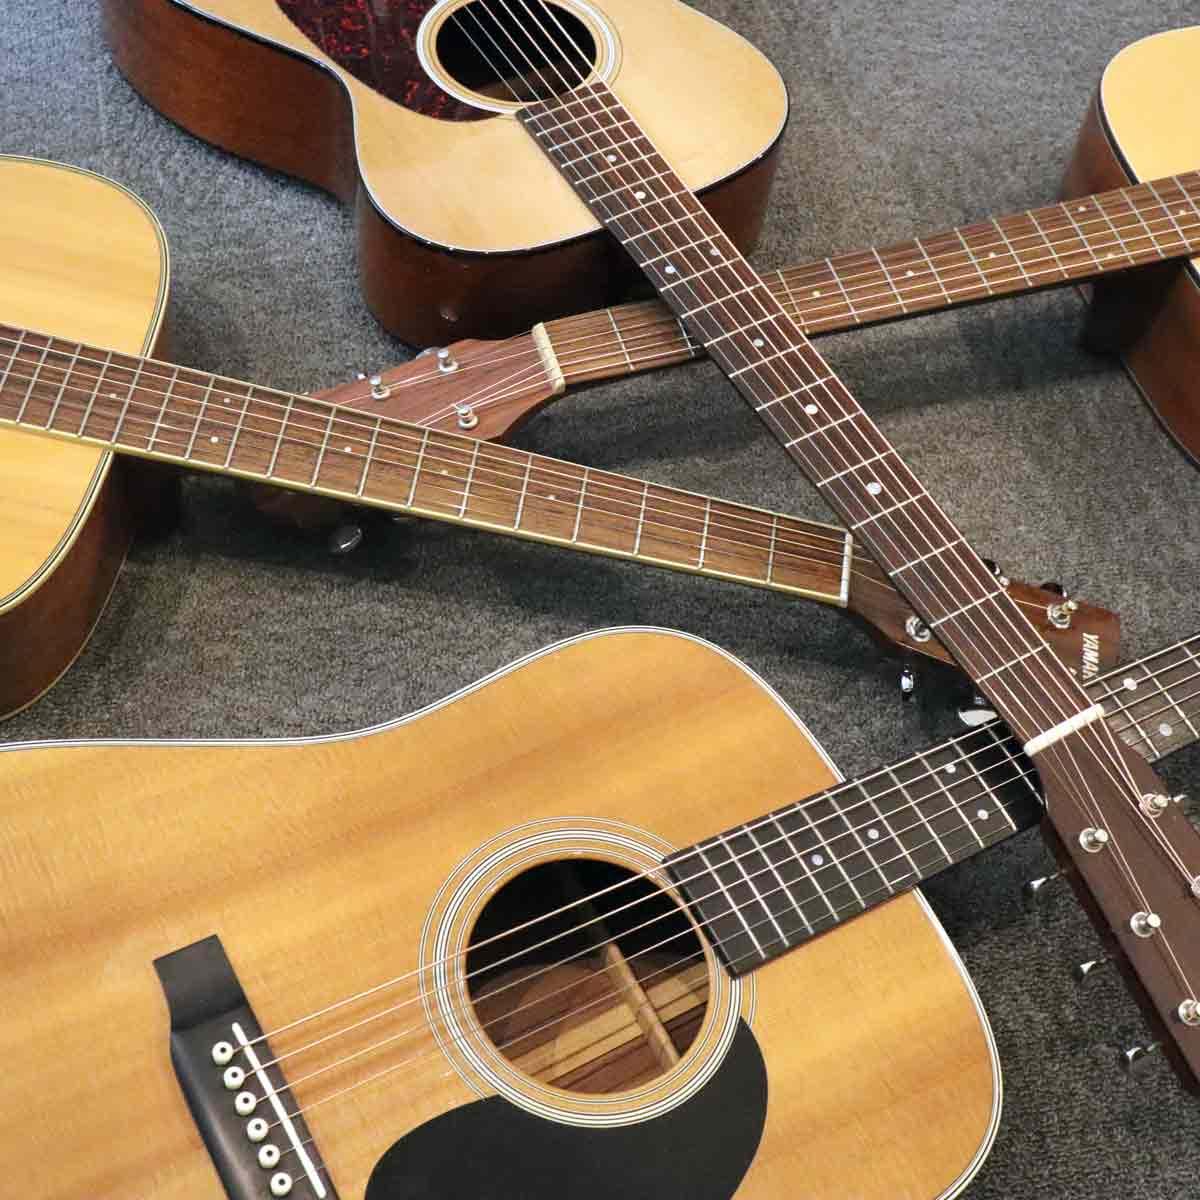 「アコースティックギター」10の魅力を徹底解説! プロがアコギを愛する理由